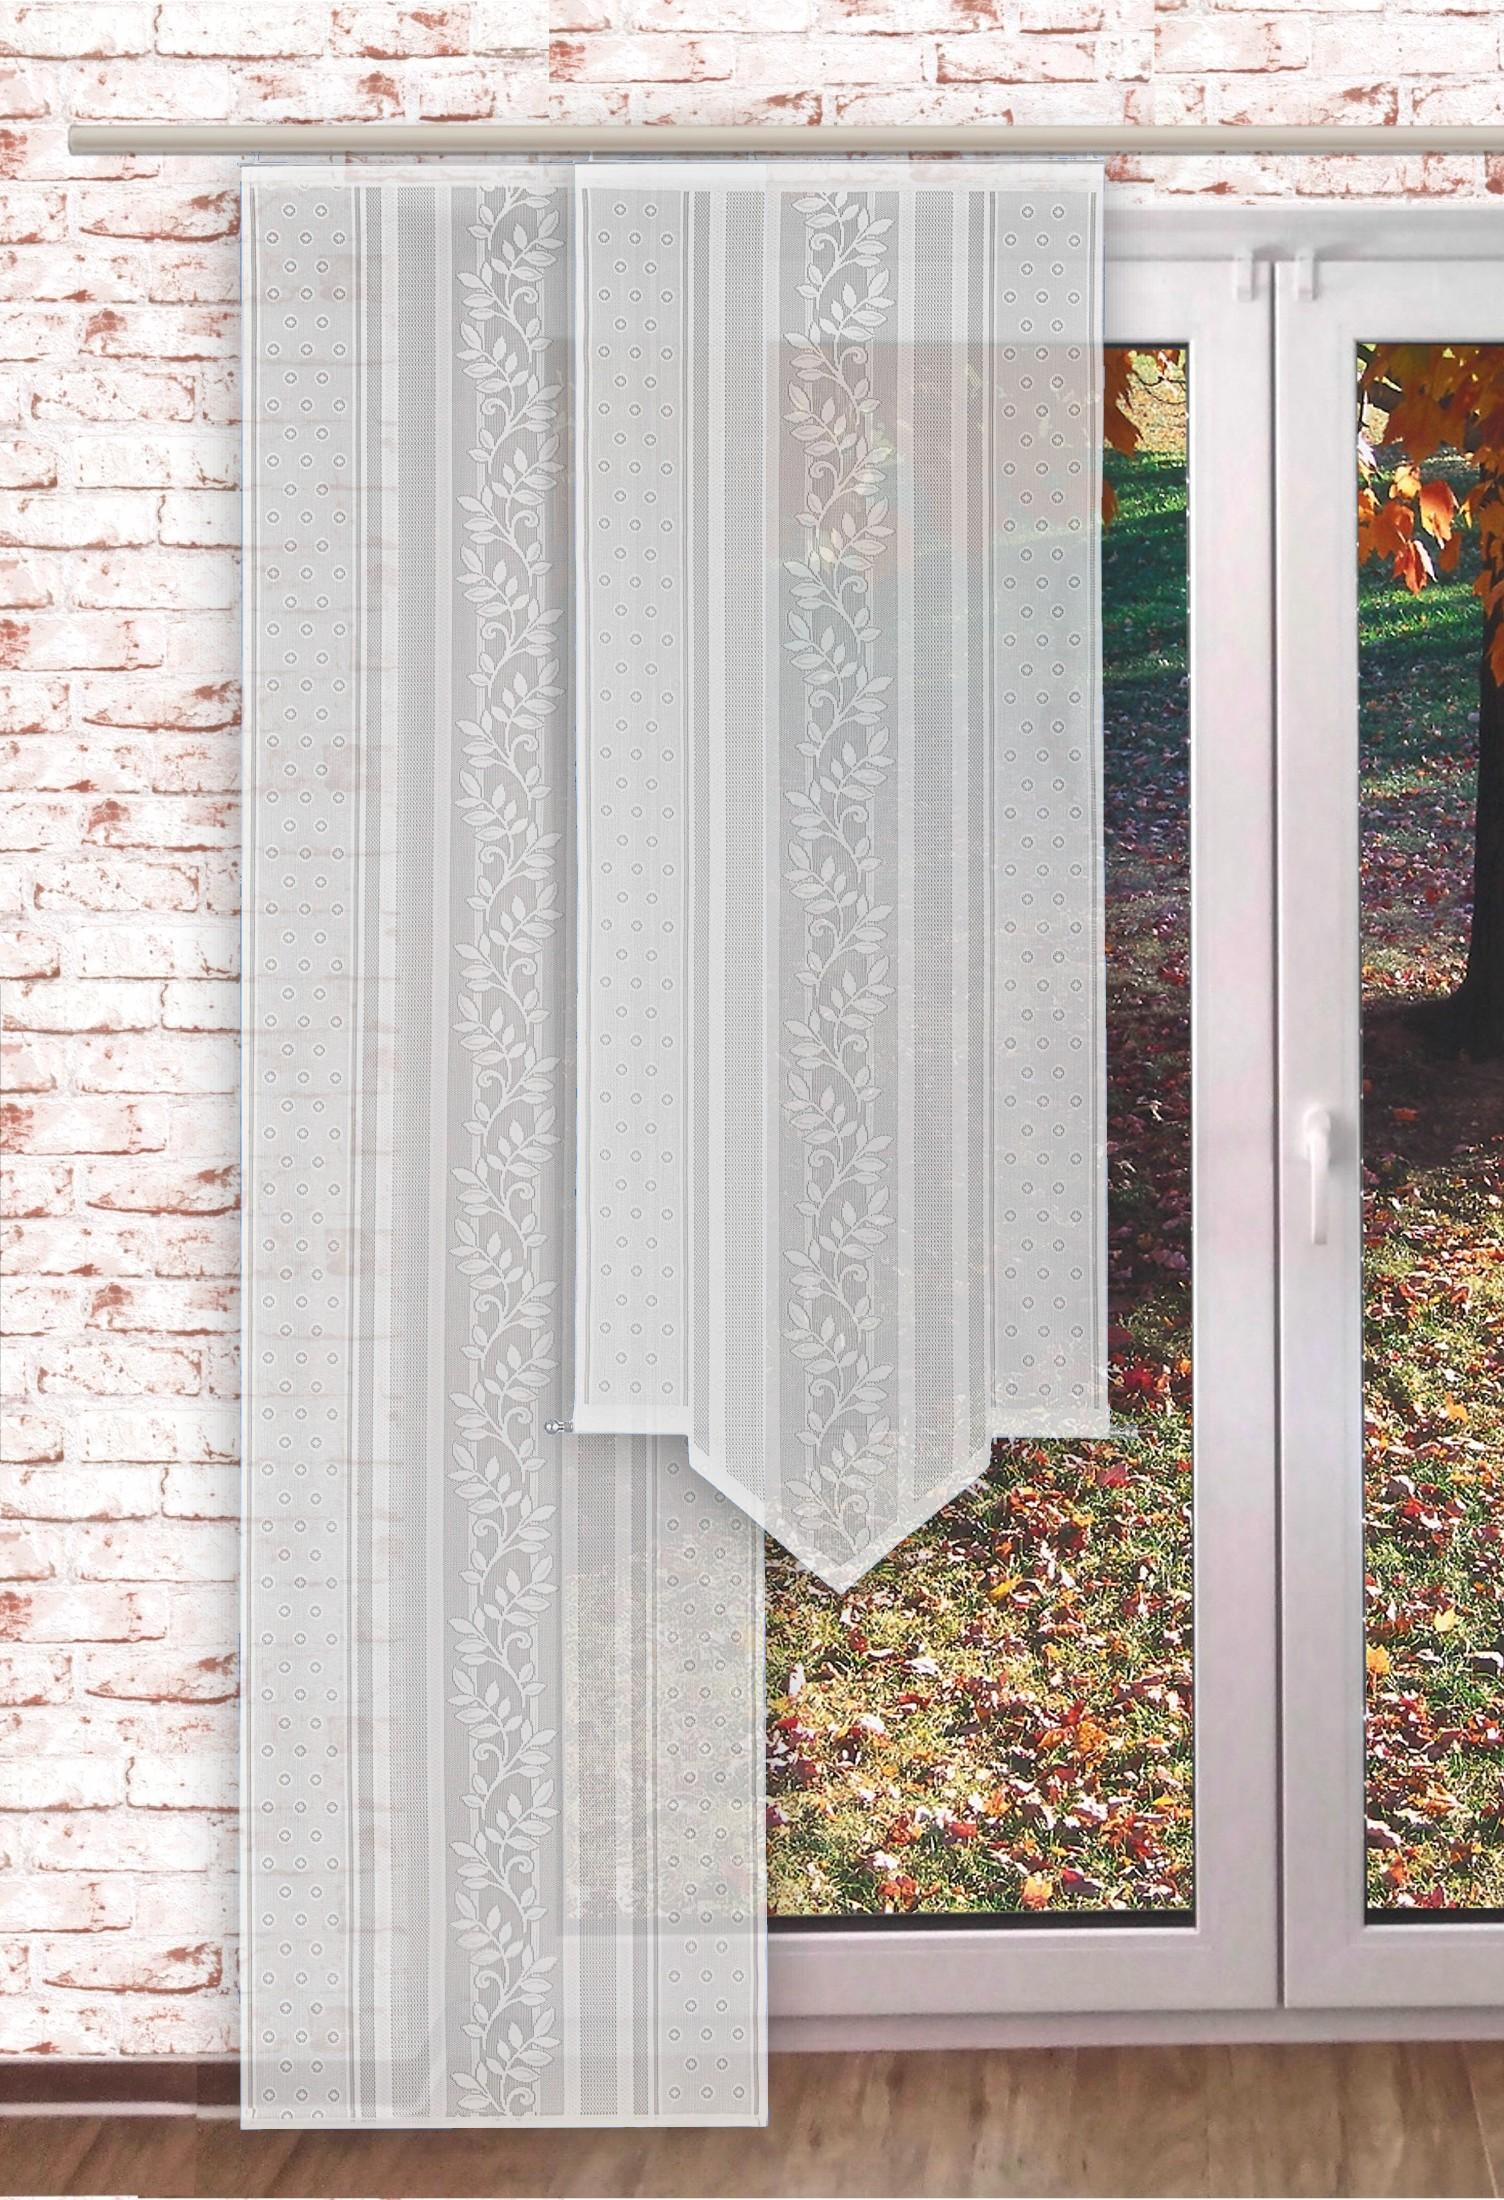 Full Size of Scheibengardinen Balkontür Gardinen Welt Online Shop Transparente Schiebegardine Blattranke Küche Wohnzimmer Scheibengardinen Balkontür